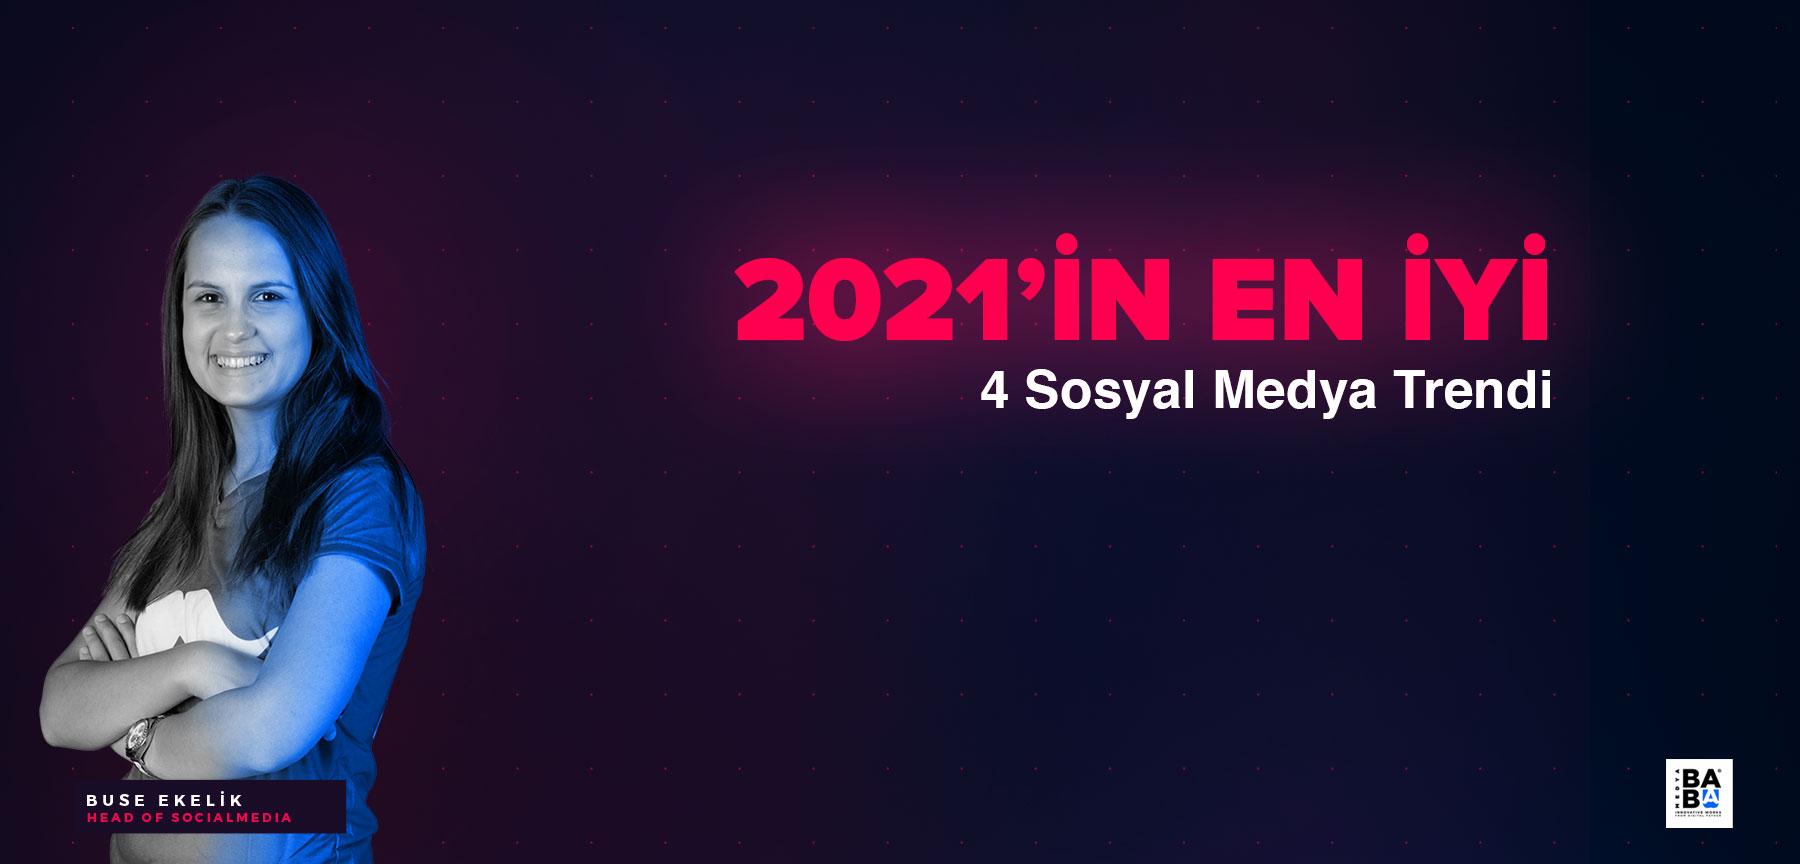 2021'in en iyi 5 Sosyal Medya Trendi